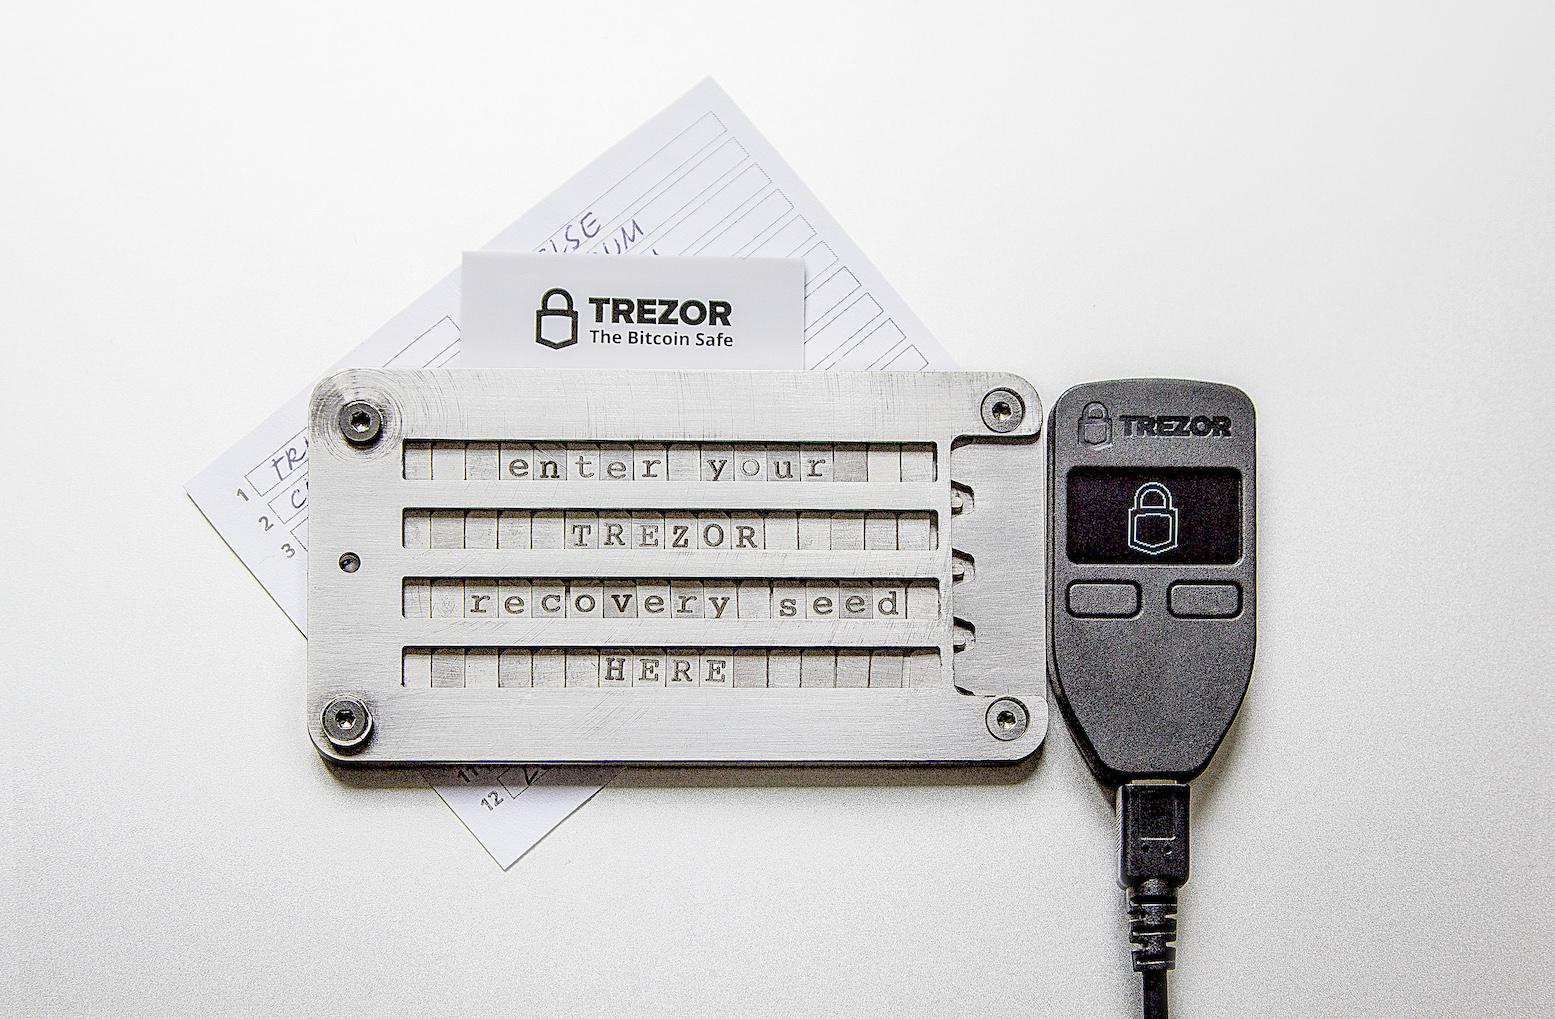 trezor_cryptosteel_security.jpg